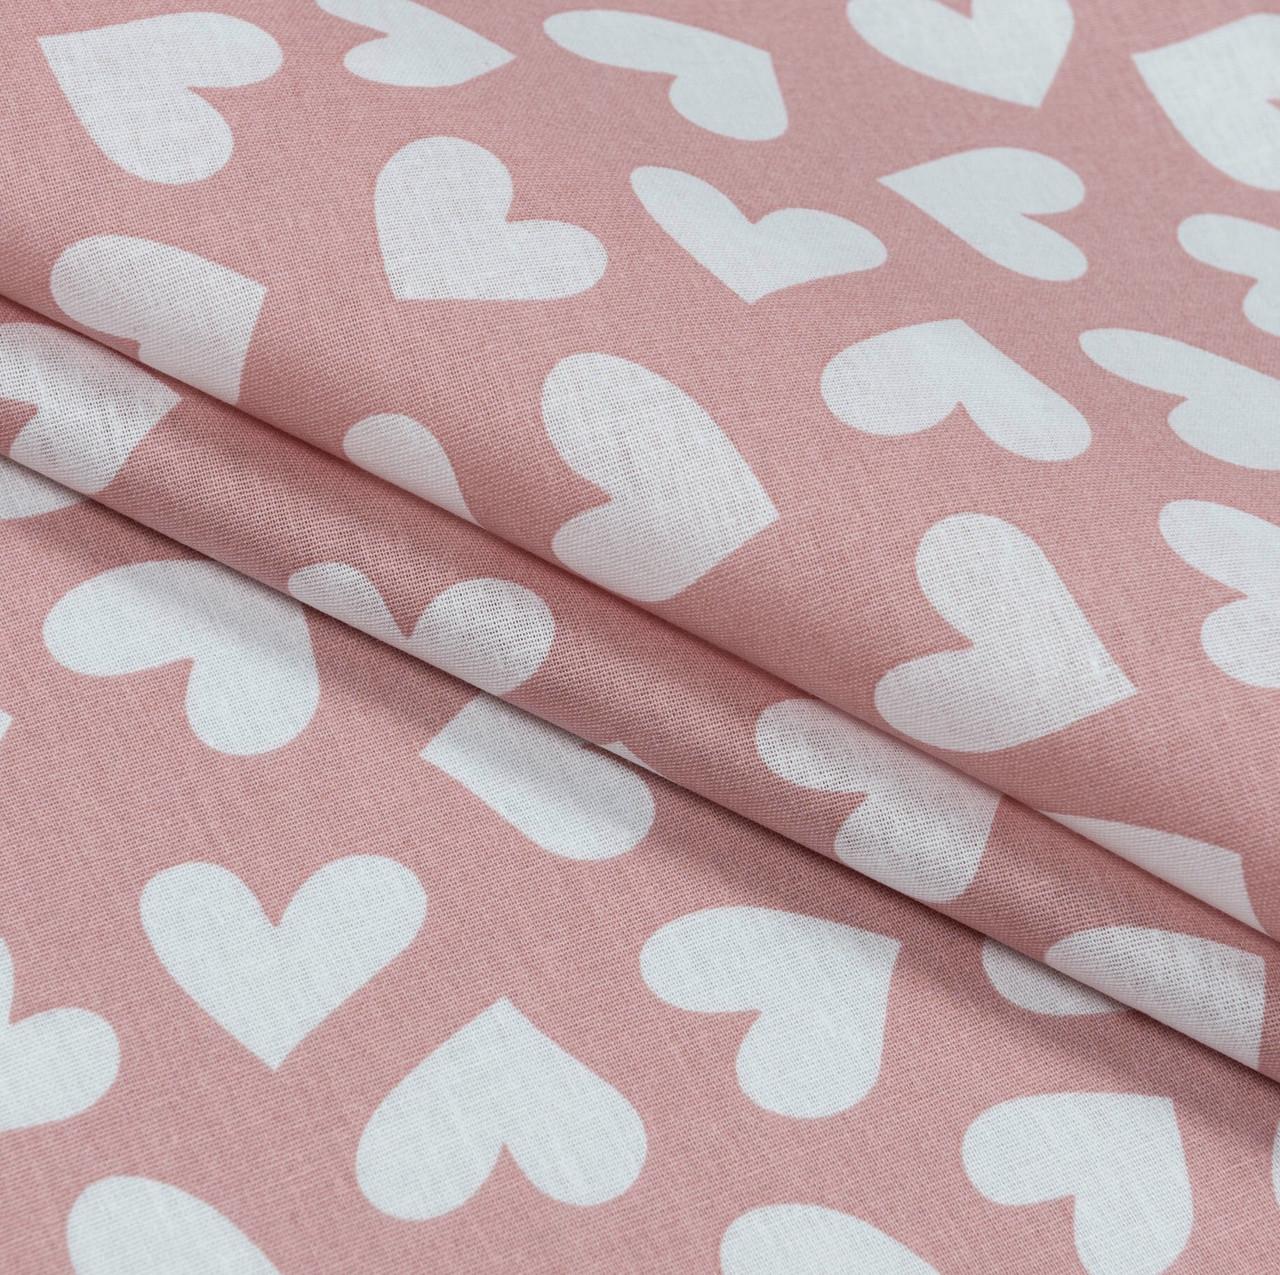 Ткань для постельного белья органический хлопок